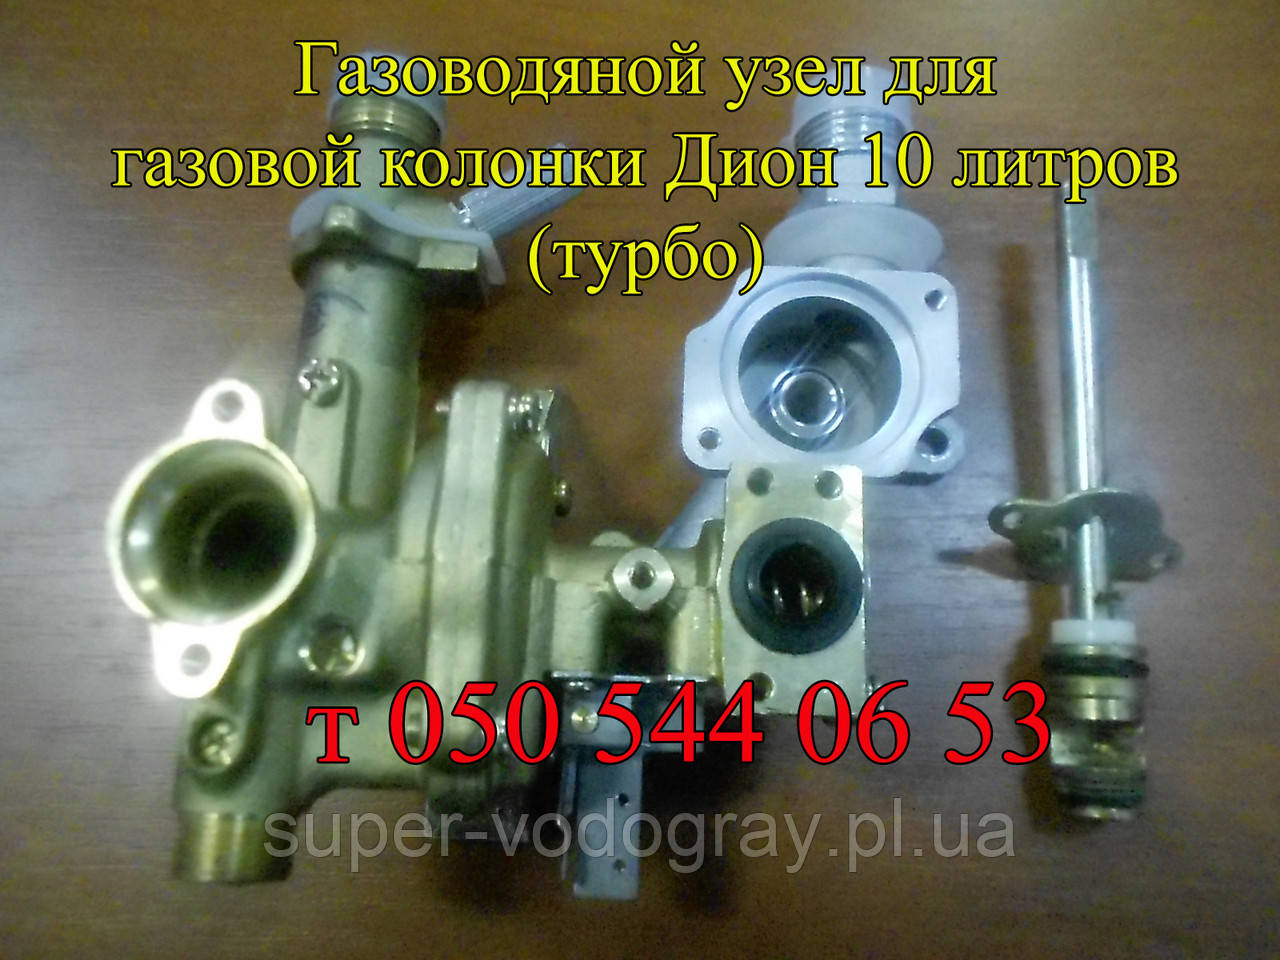 Газоводяной узел для газовой колонки Дион 10 литров (турбо)